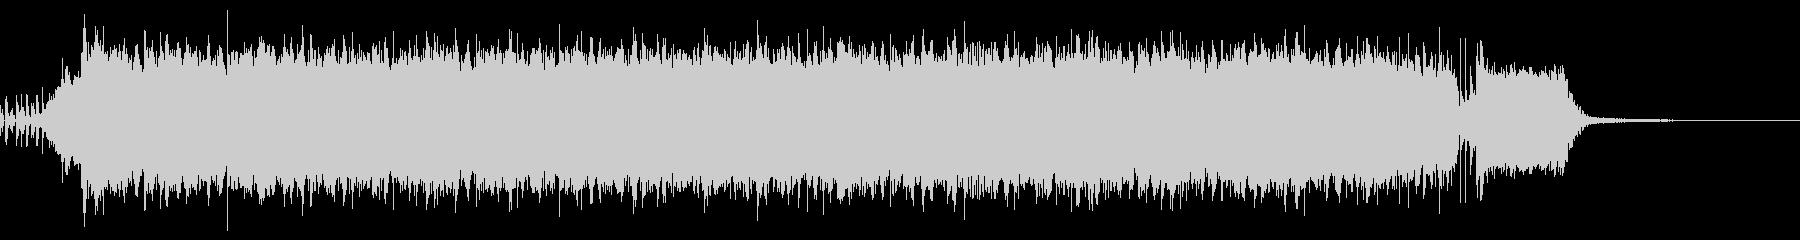 【30秒】激しいロック盛り上がるアンセムの未再生の波形